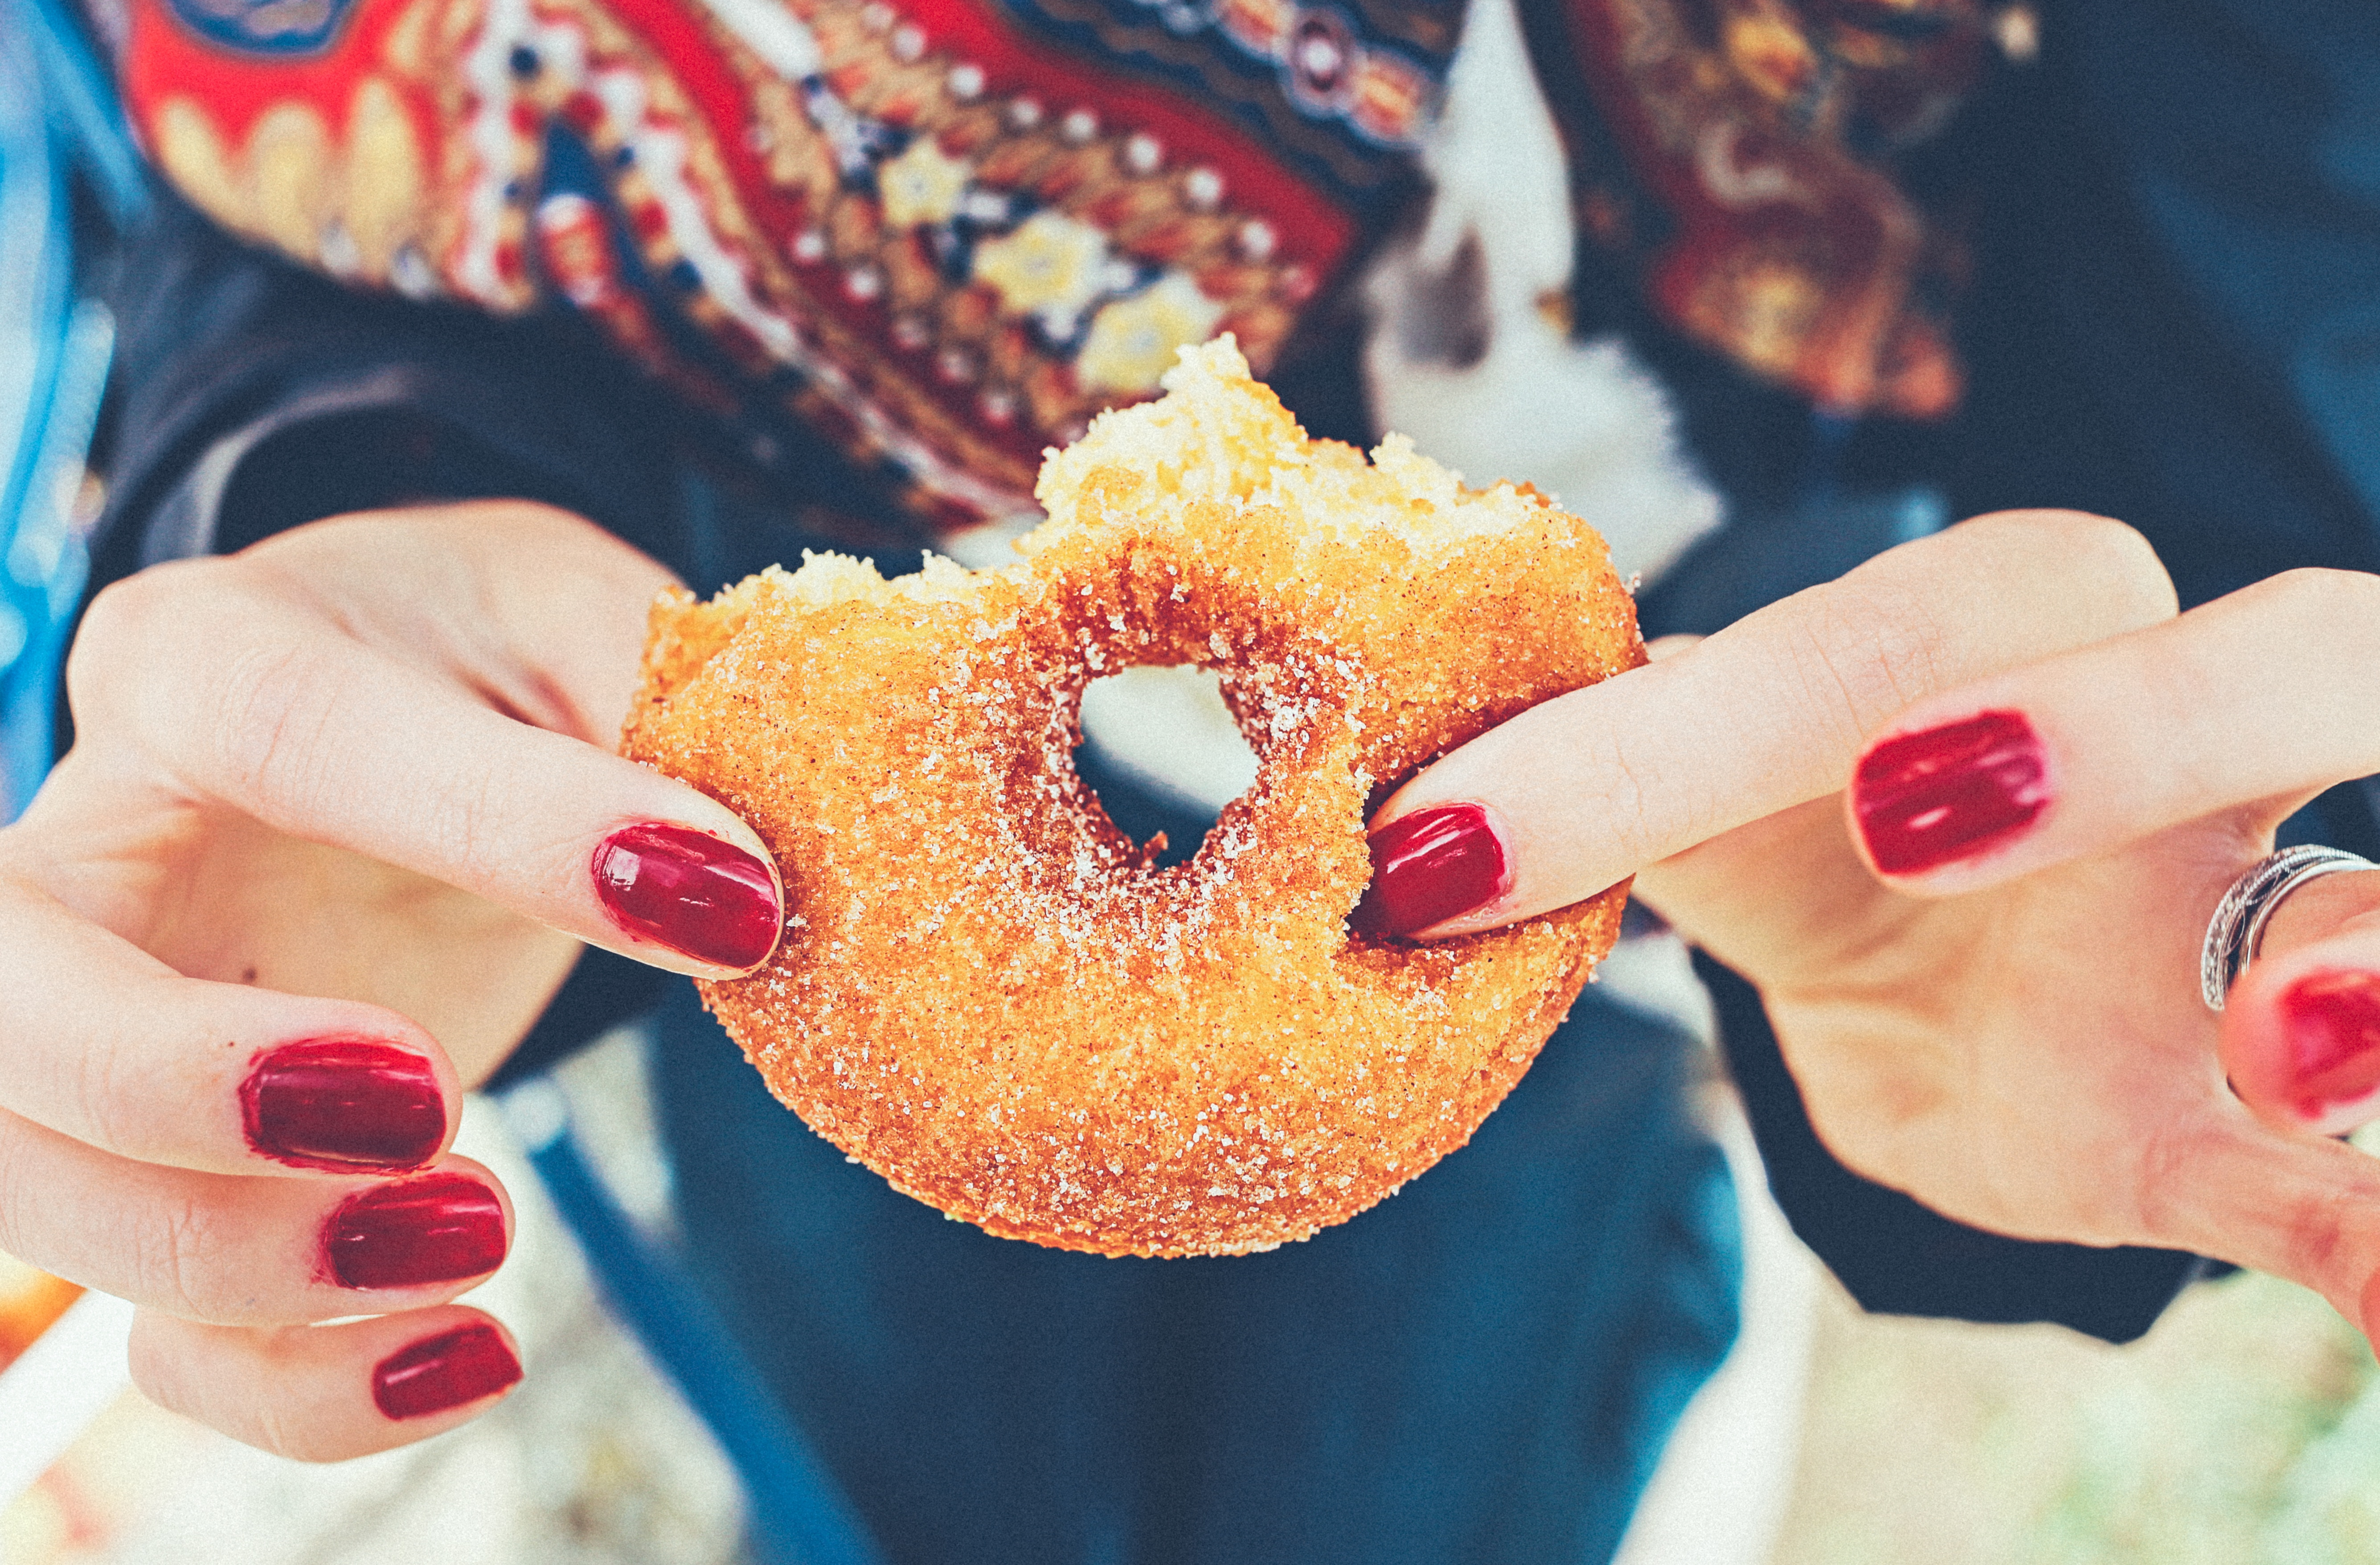 manger, bonheur, heureux, se faire plaisir